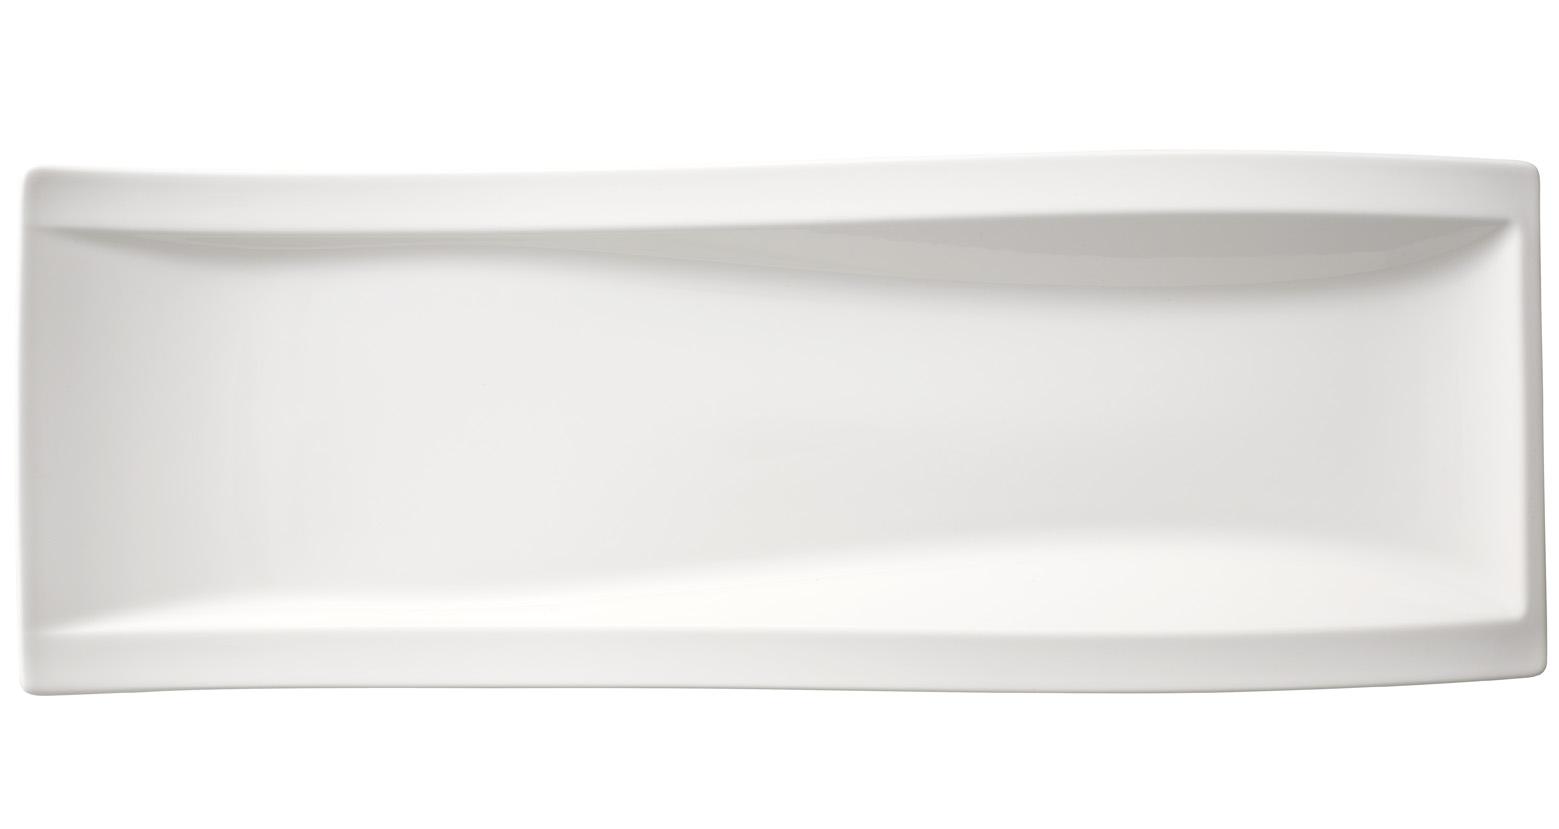 Platou Villeroy & Boch NewWave Antipasti 42x15cm poza